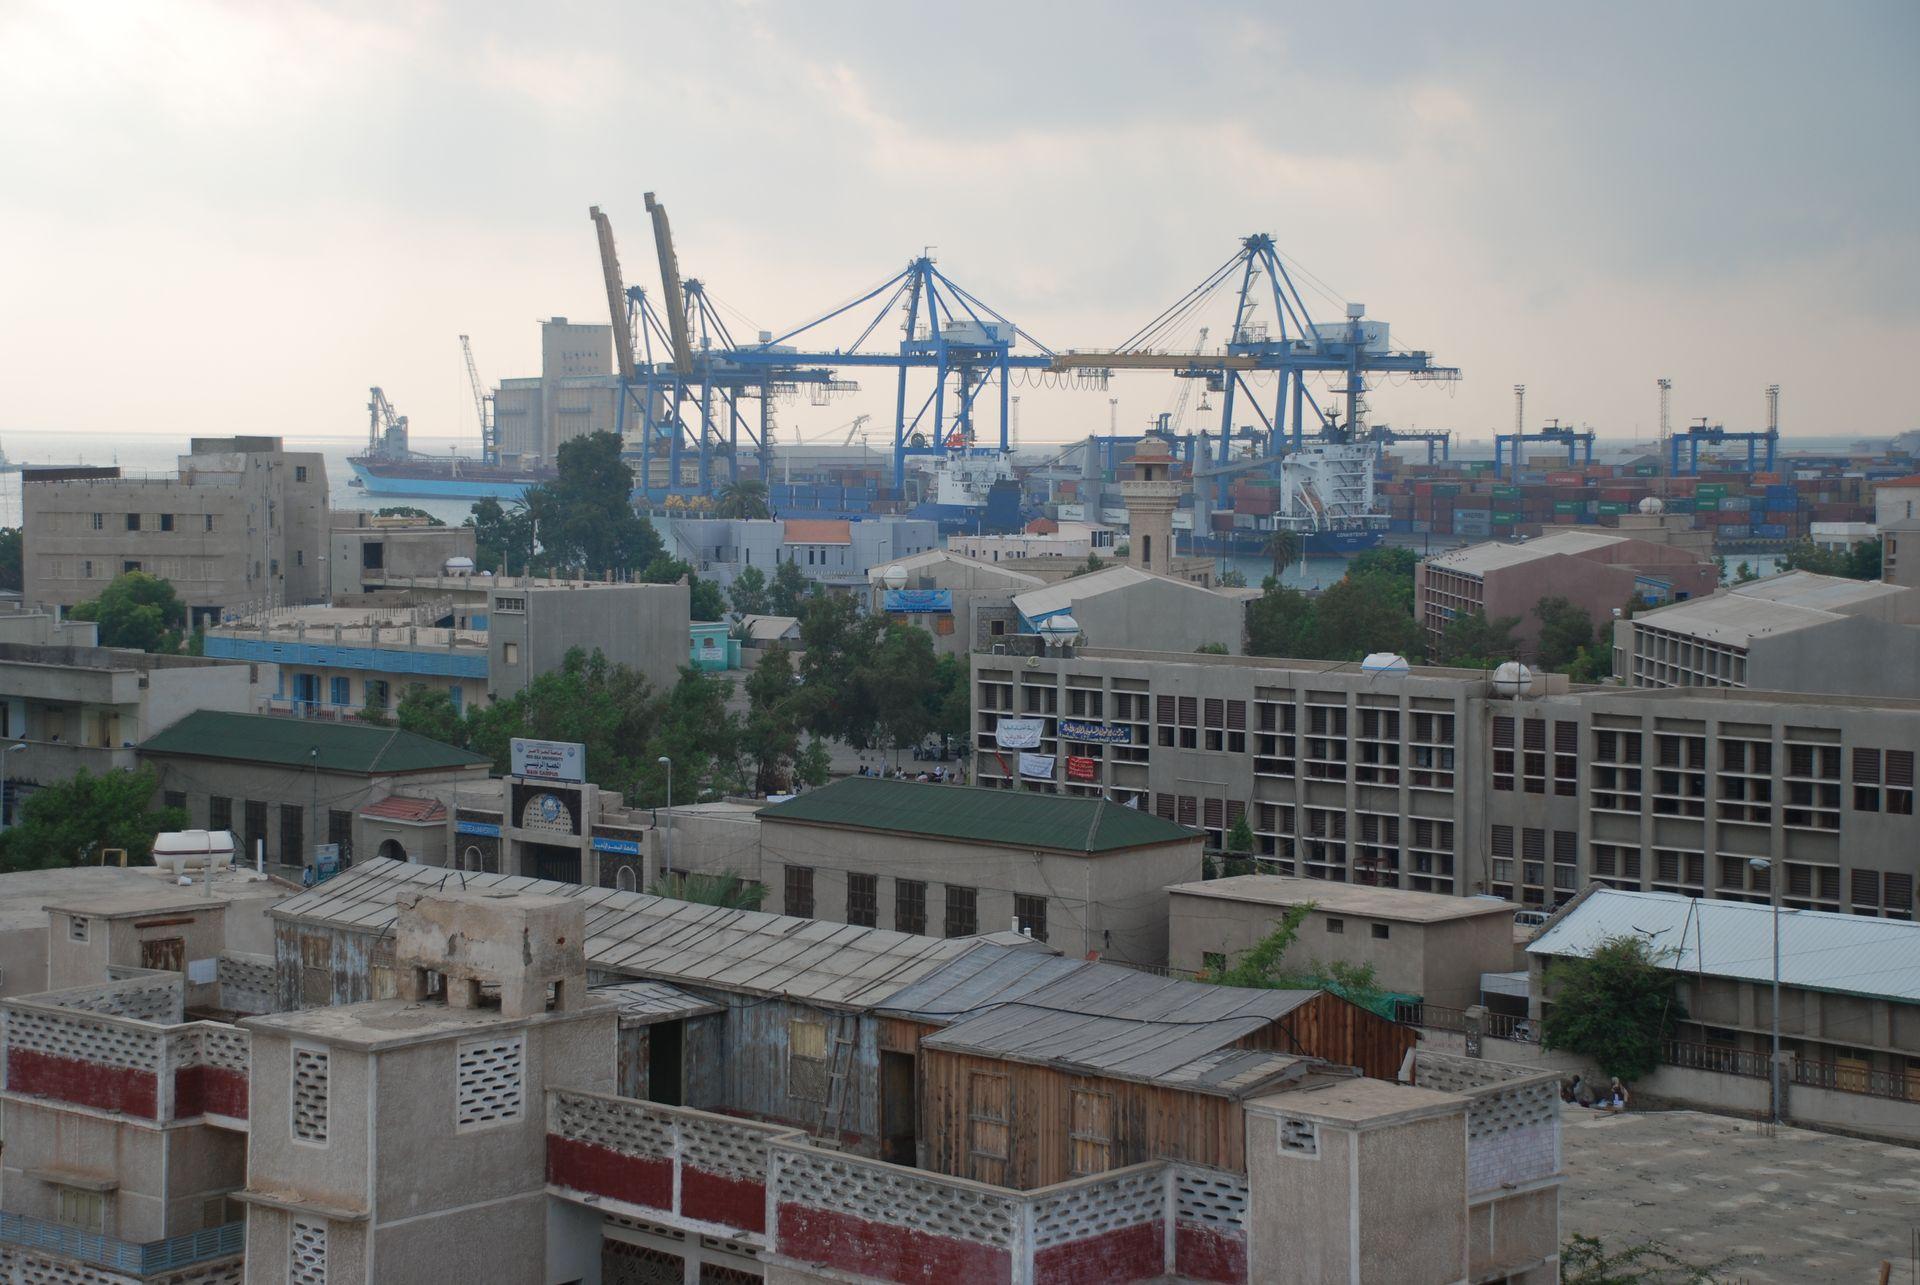 بورتسودان : يخوت عالقة وملايين الدولارت فوق مياه البحر الأحمر